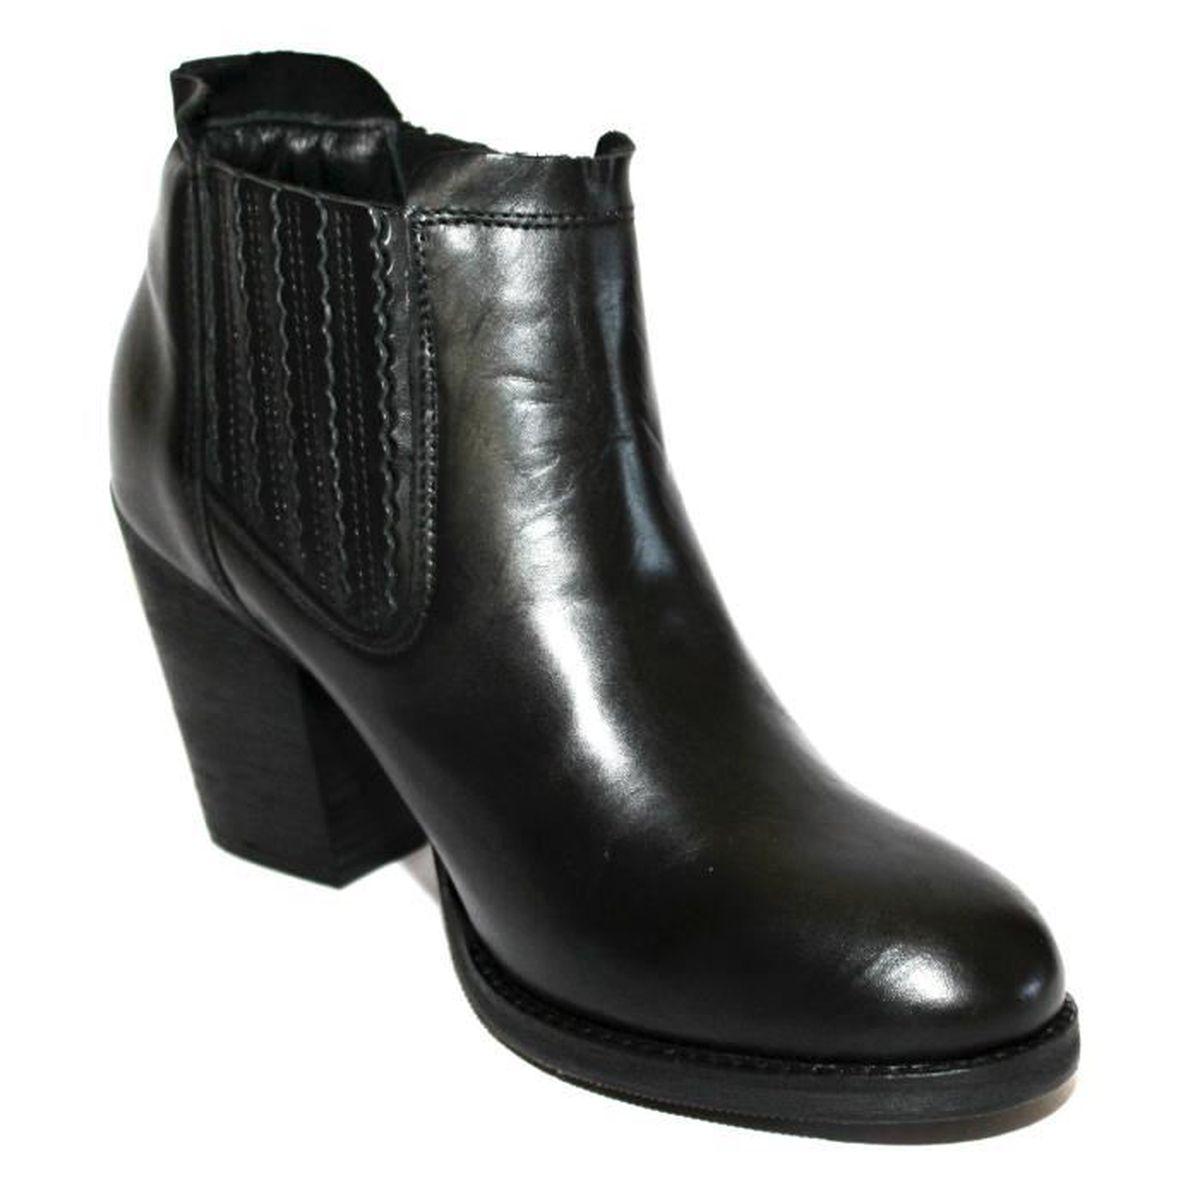 promo levi's bottines low boots cuir noir t 40 neuves noir - achat